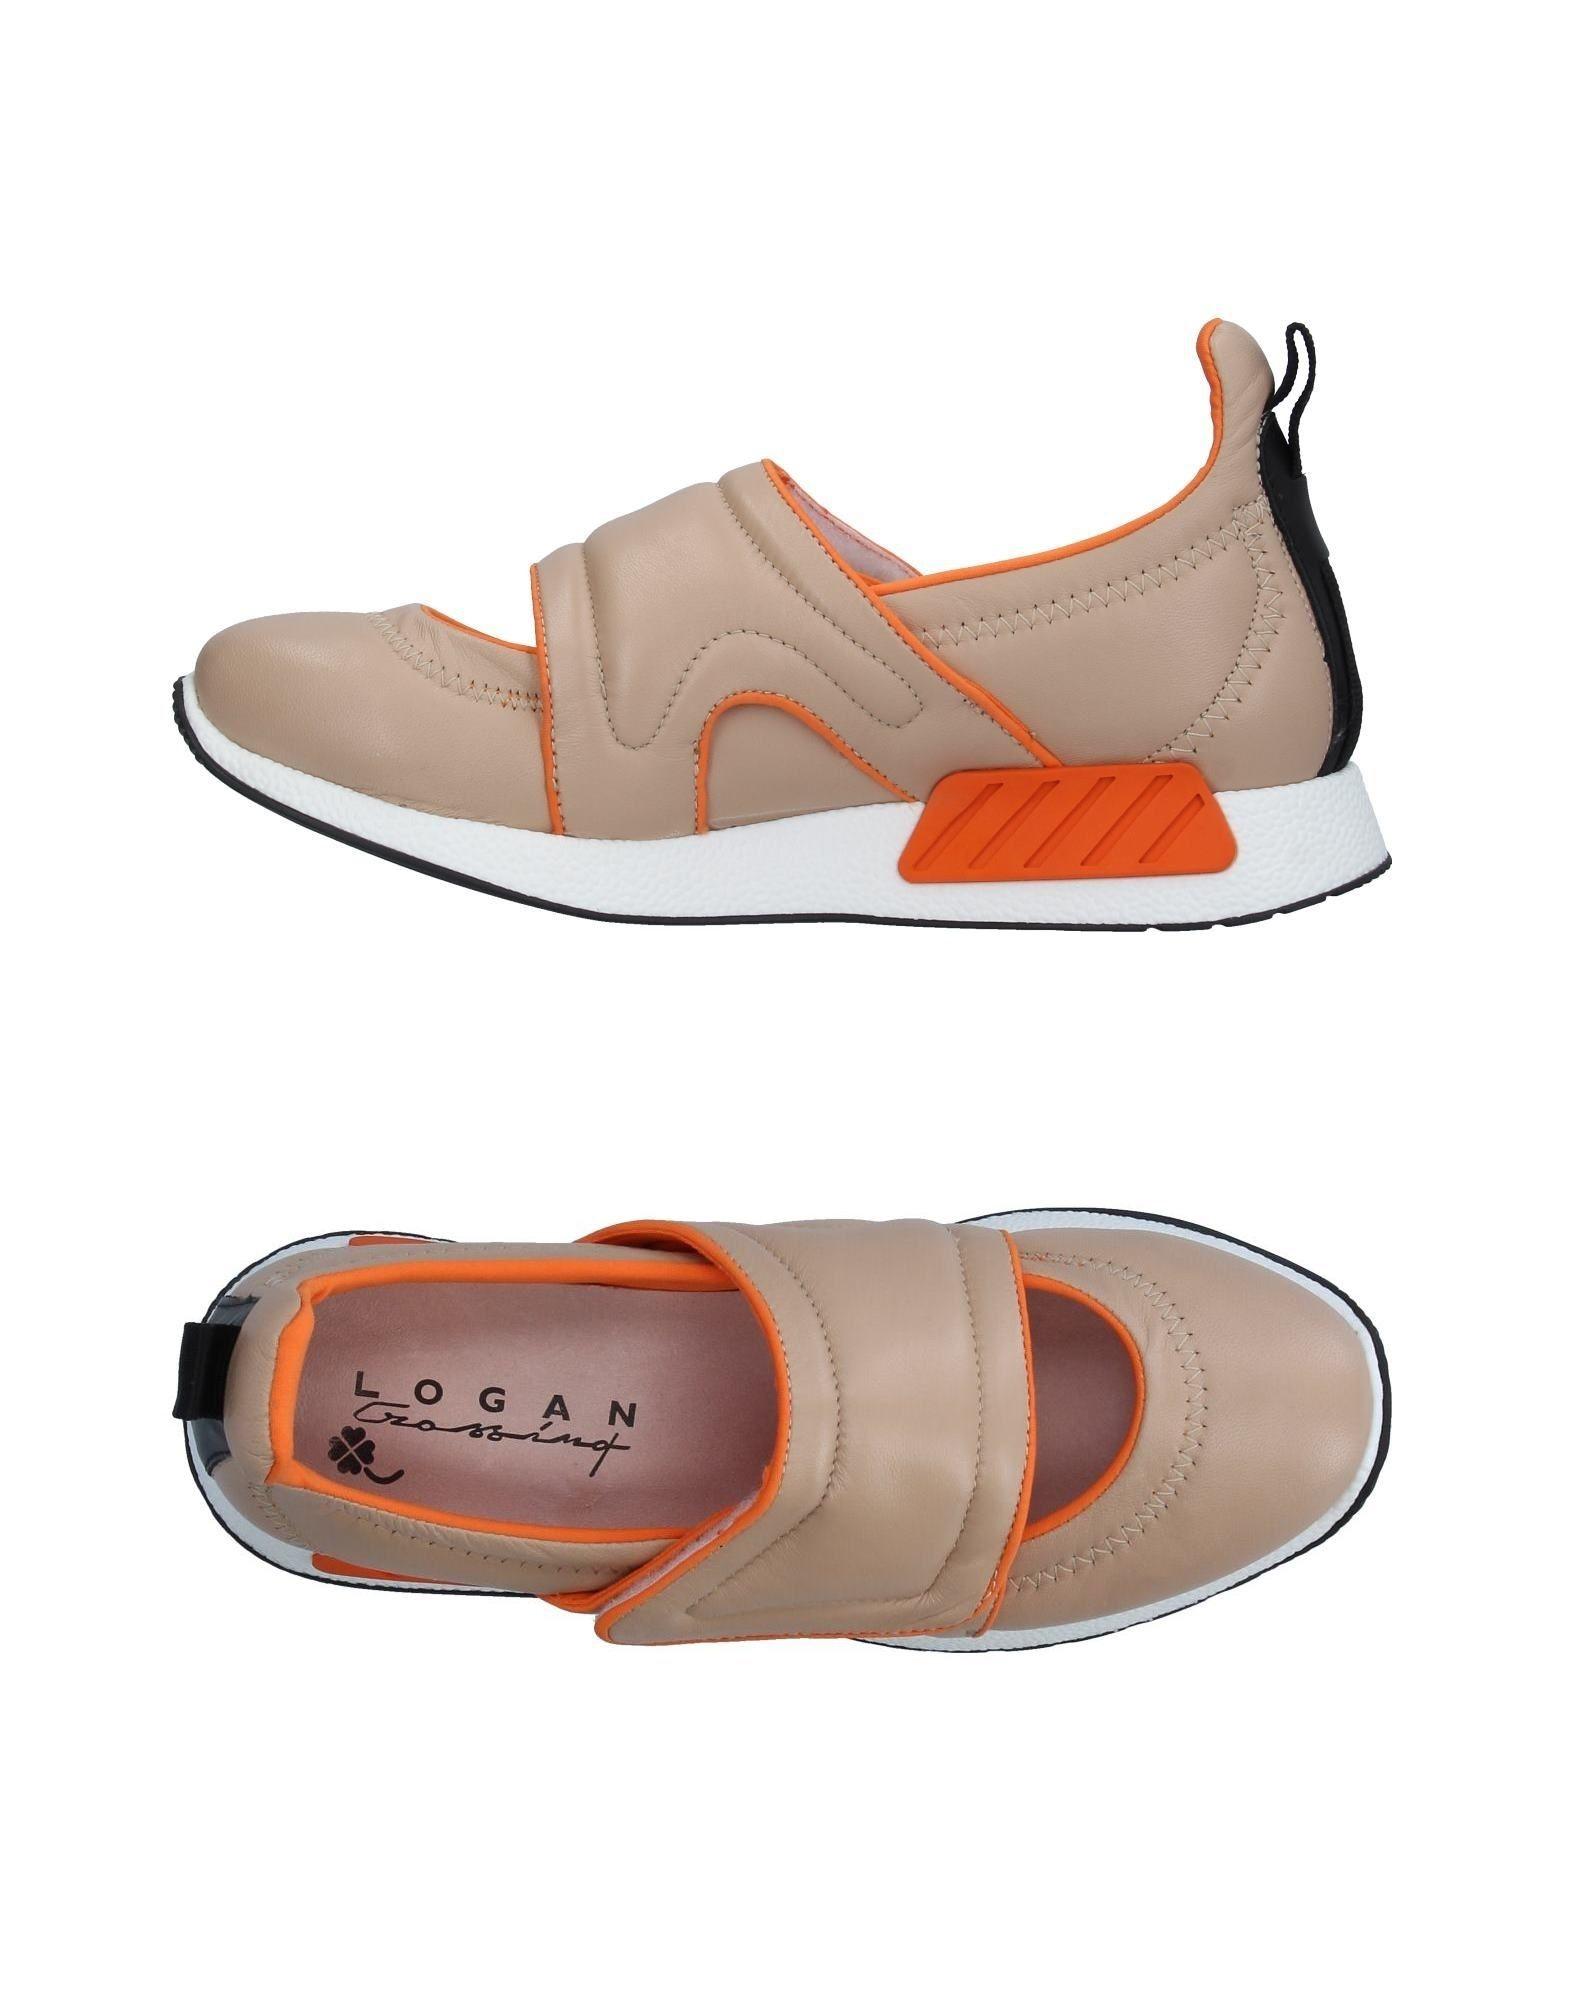 Logan Crossing Sneakers Damen Gutes Preis-Leistungs-Verhältnis, es lohnt sich 1444